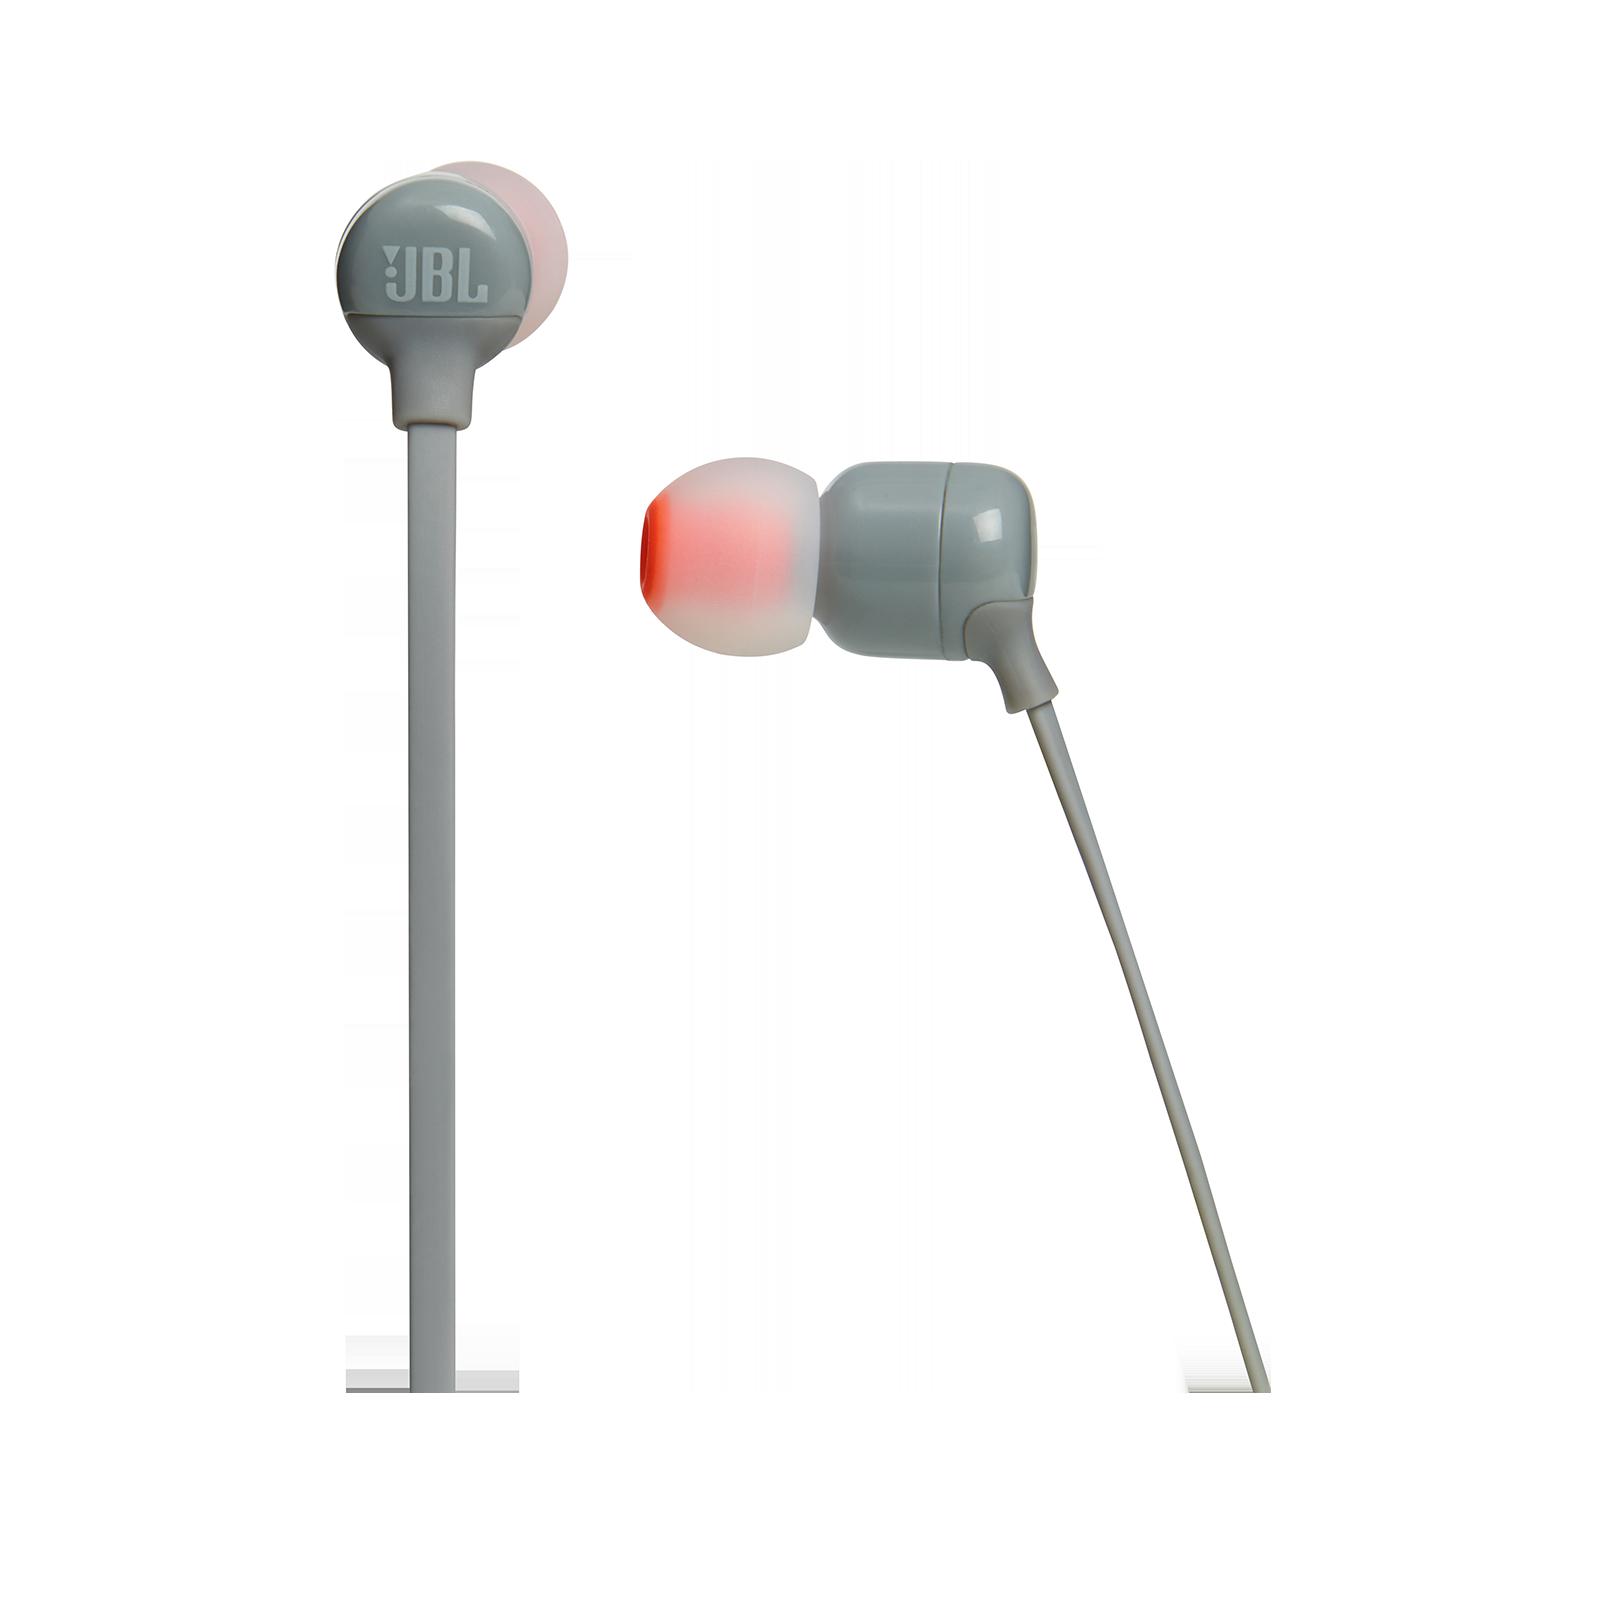 JBL TUNE 160BT - Grey - Wireless in-ear headphones - Detailshot 3